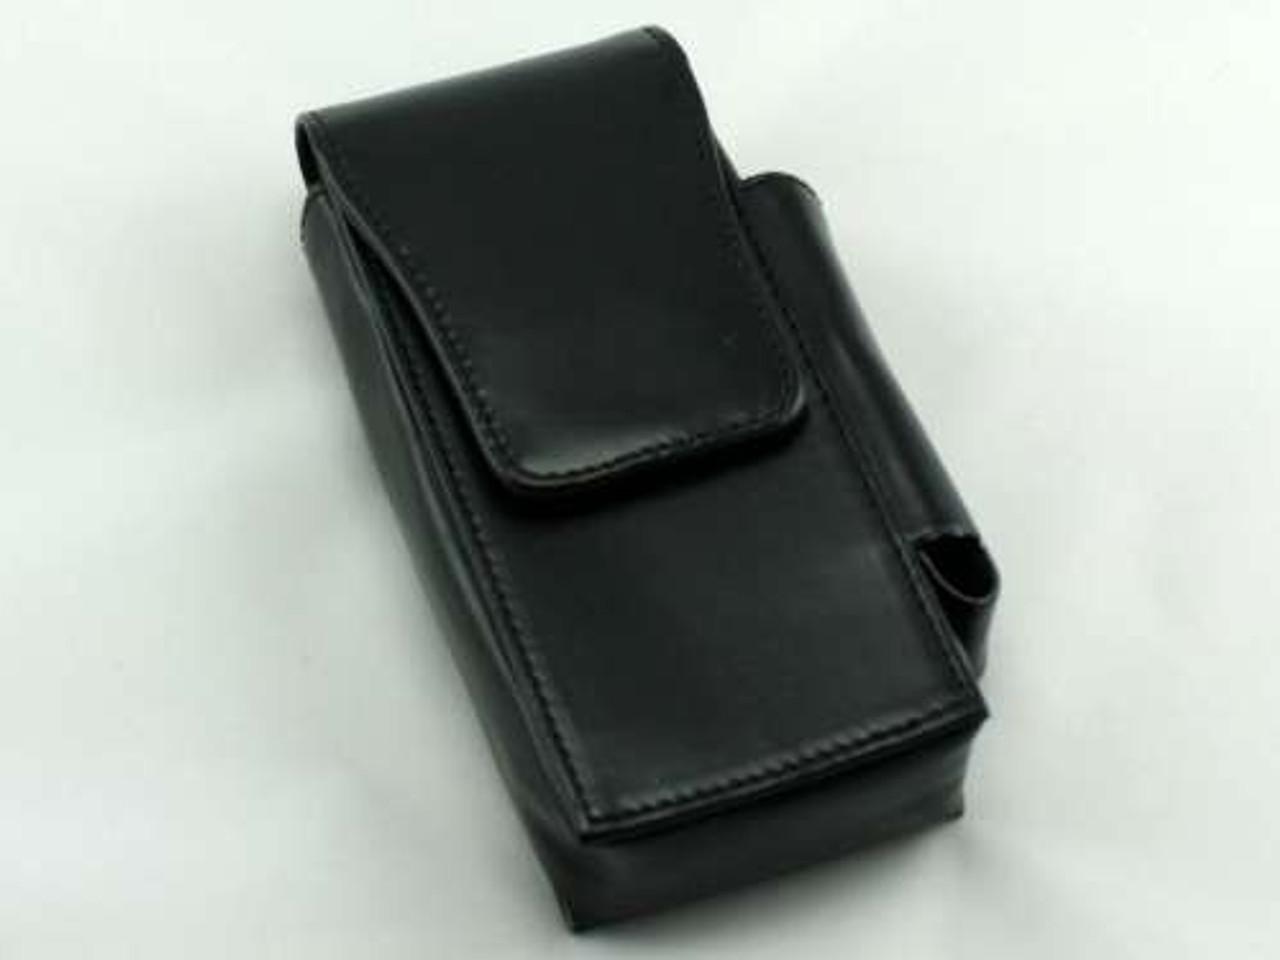 Black Leather Flip Cigarette Pack Holder